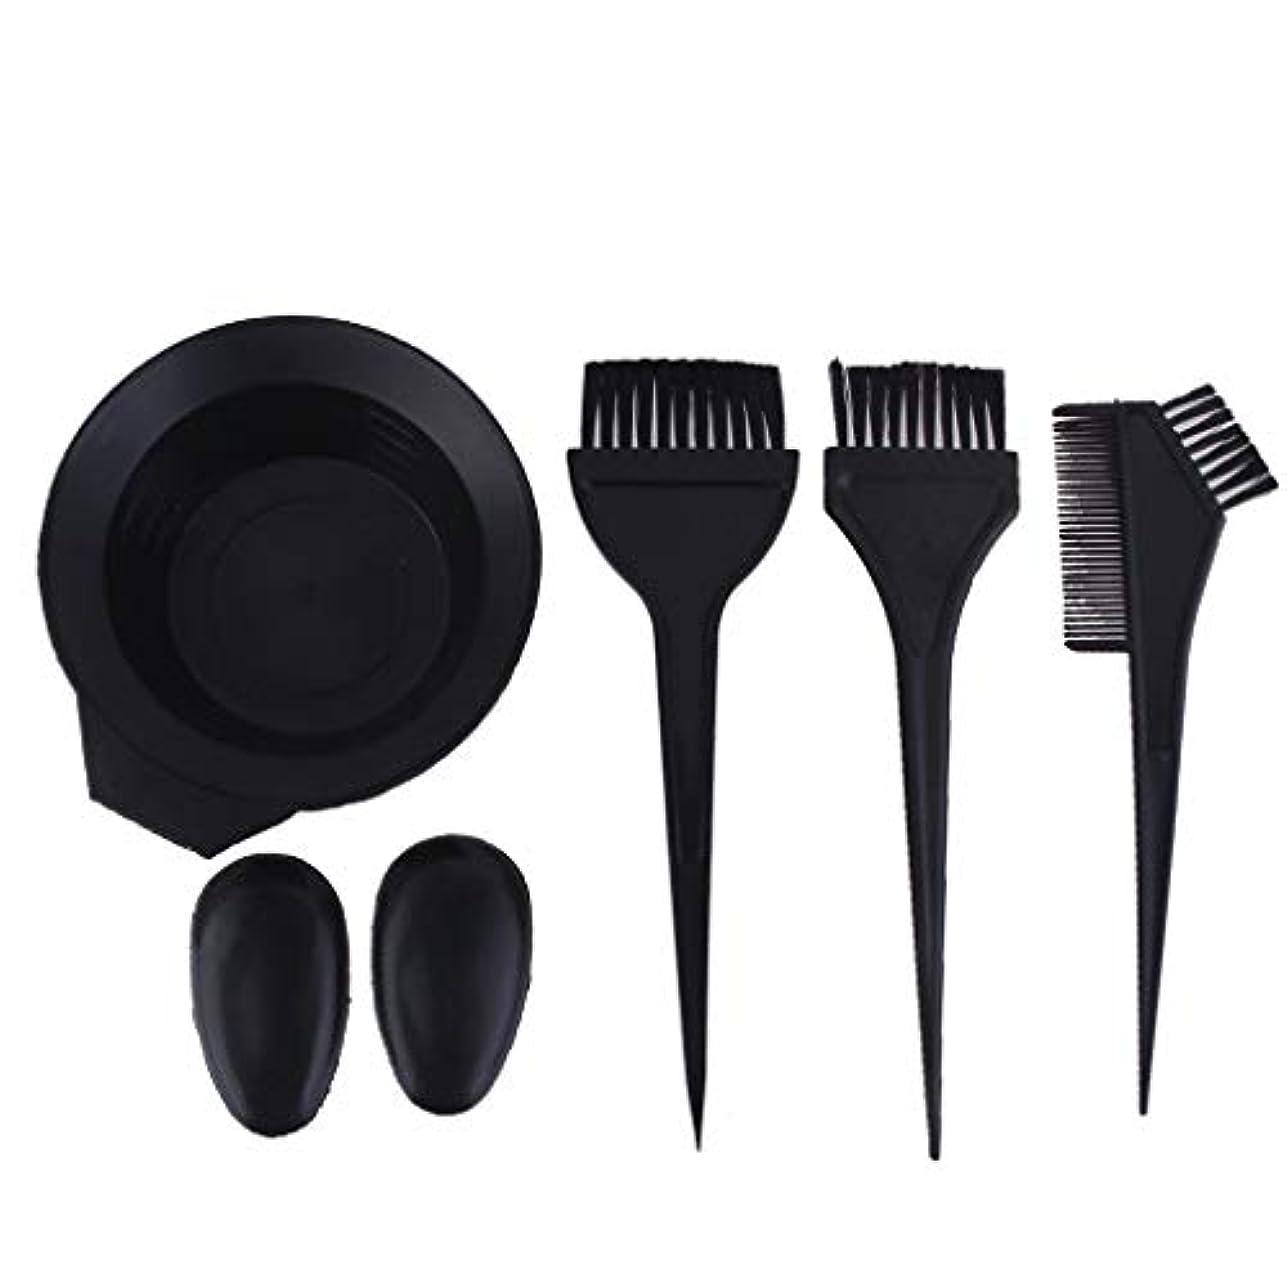 端市民権うねるサロンの髪染めのためのプラスチック黒髪ボウル櫛ブラシキット